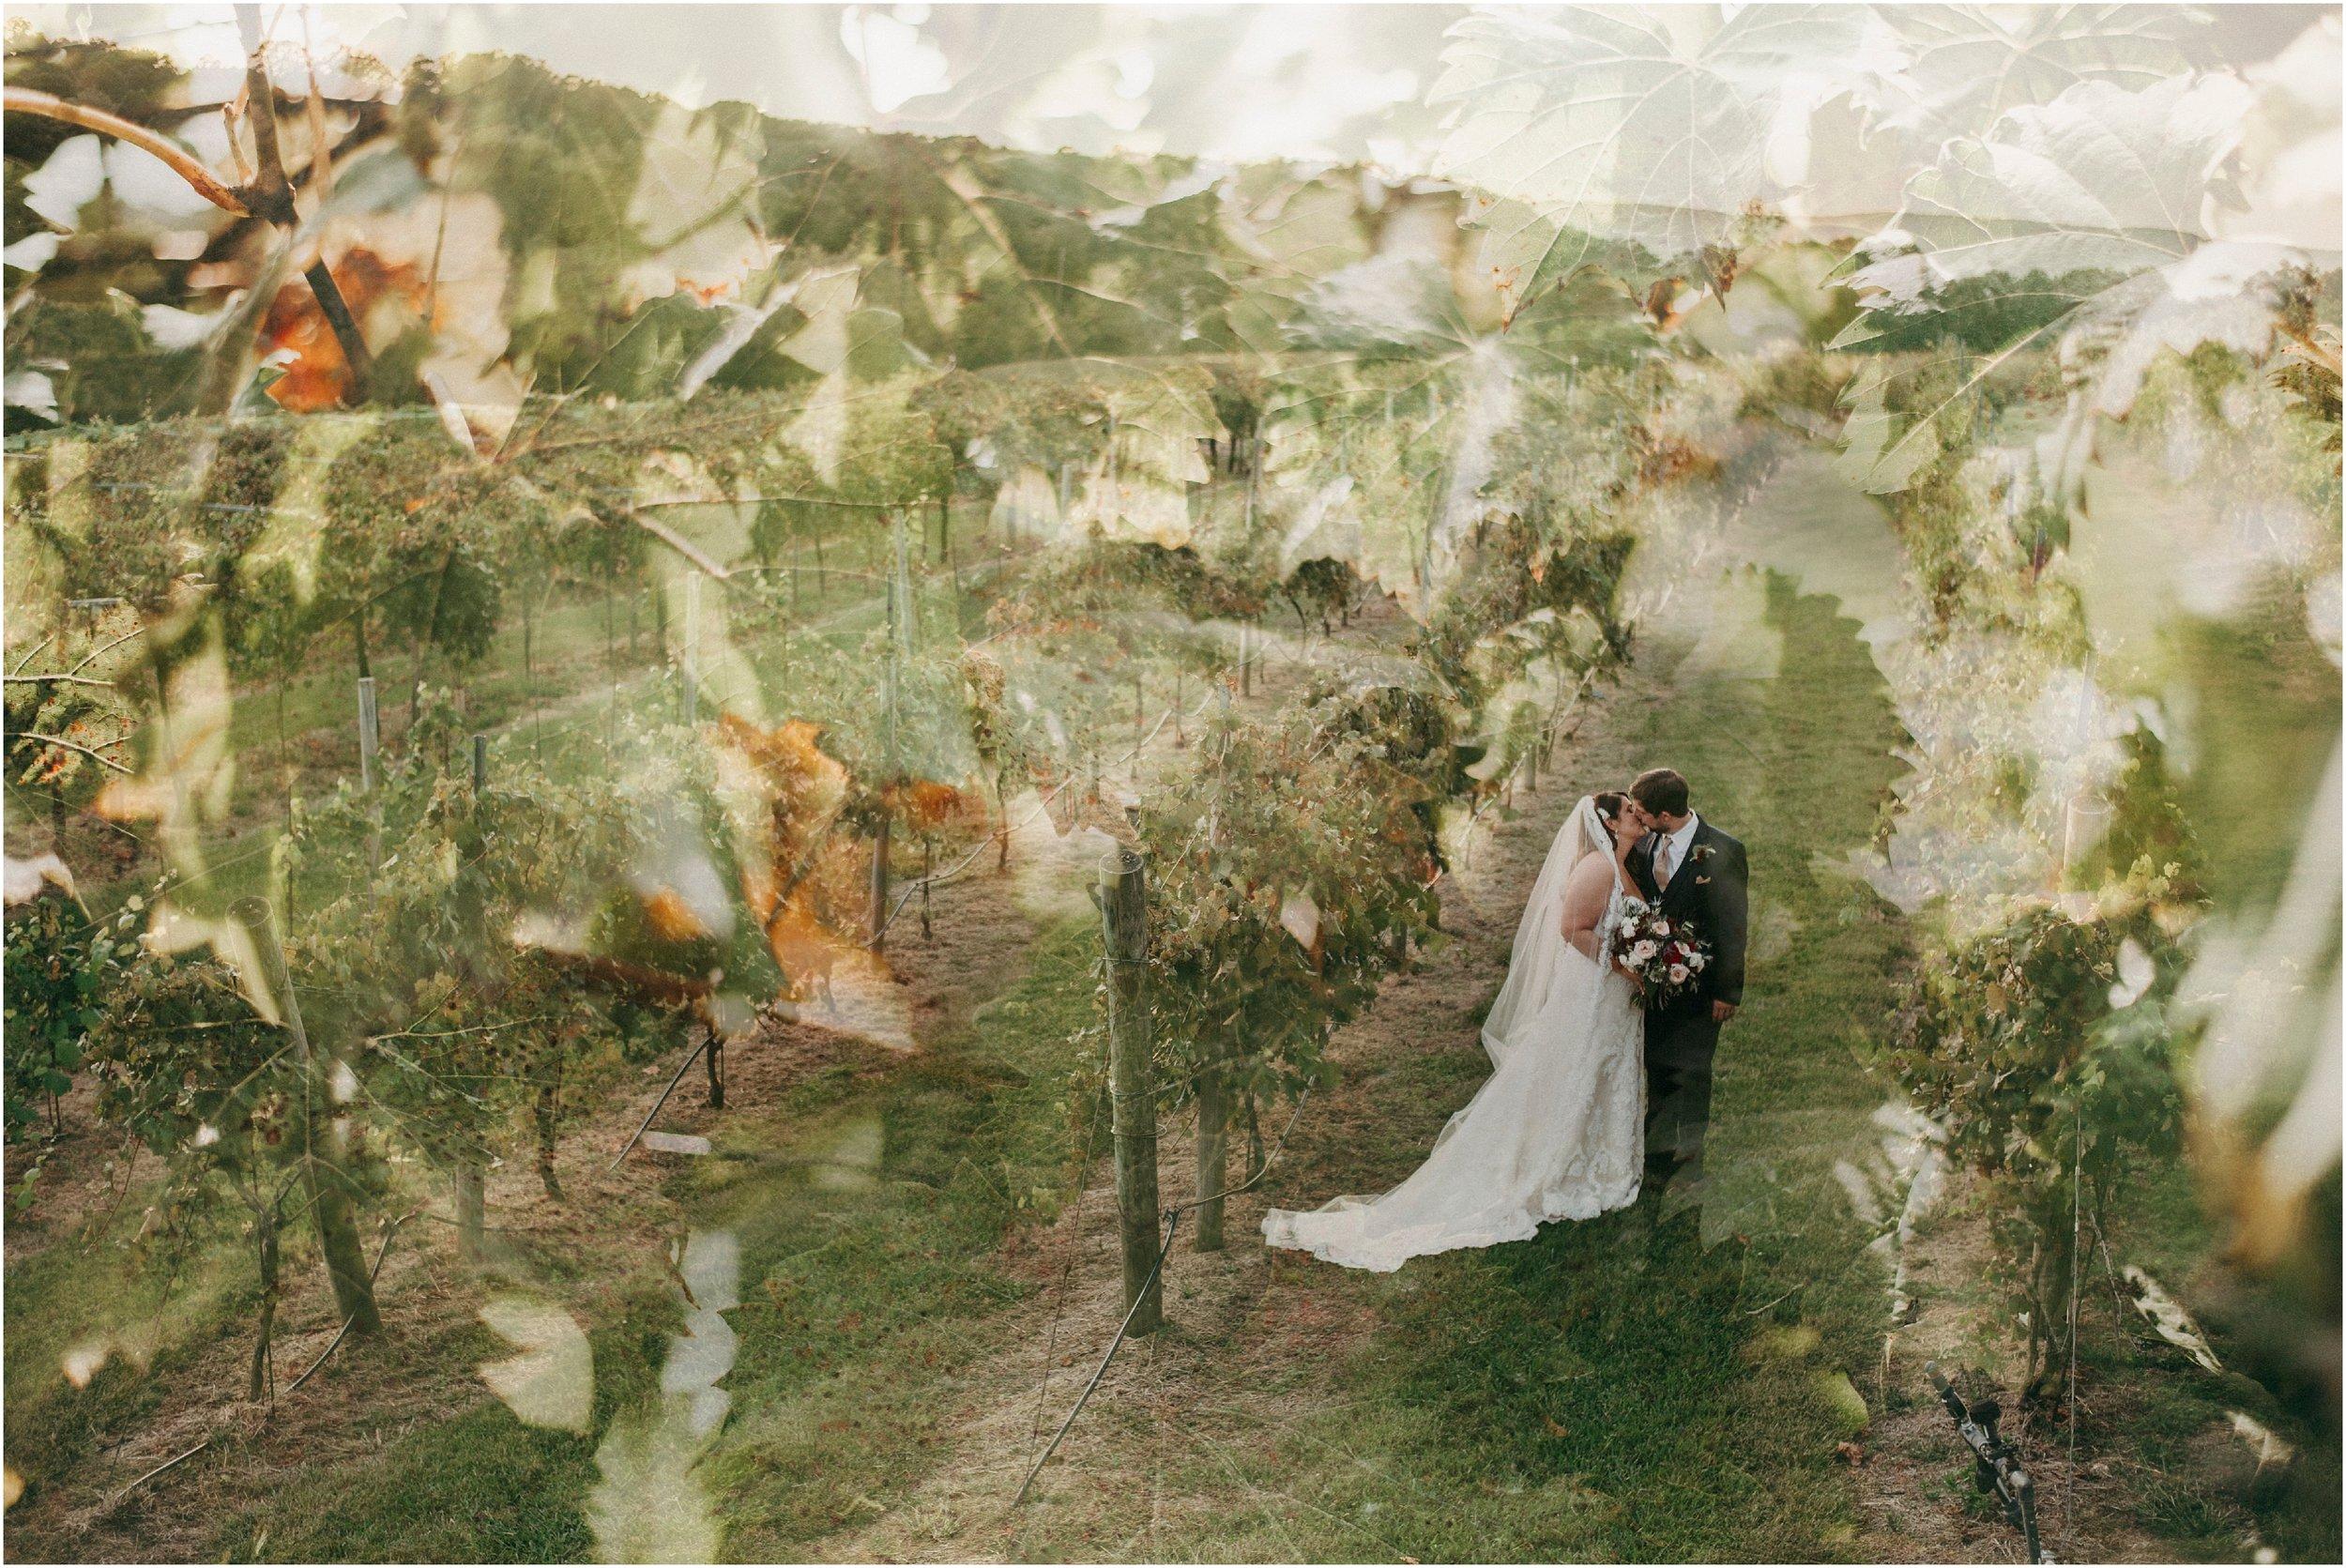 Fine art double exposure bride and groom portrait in vineyard